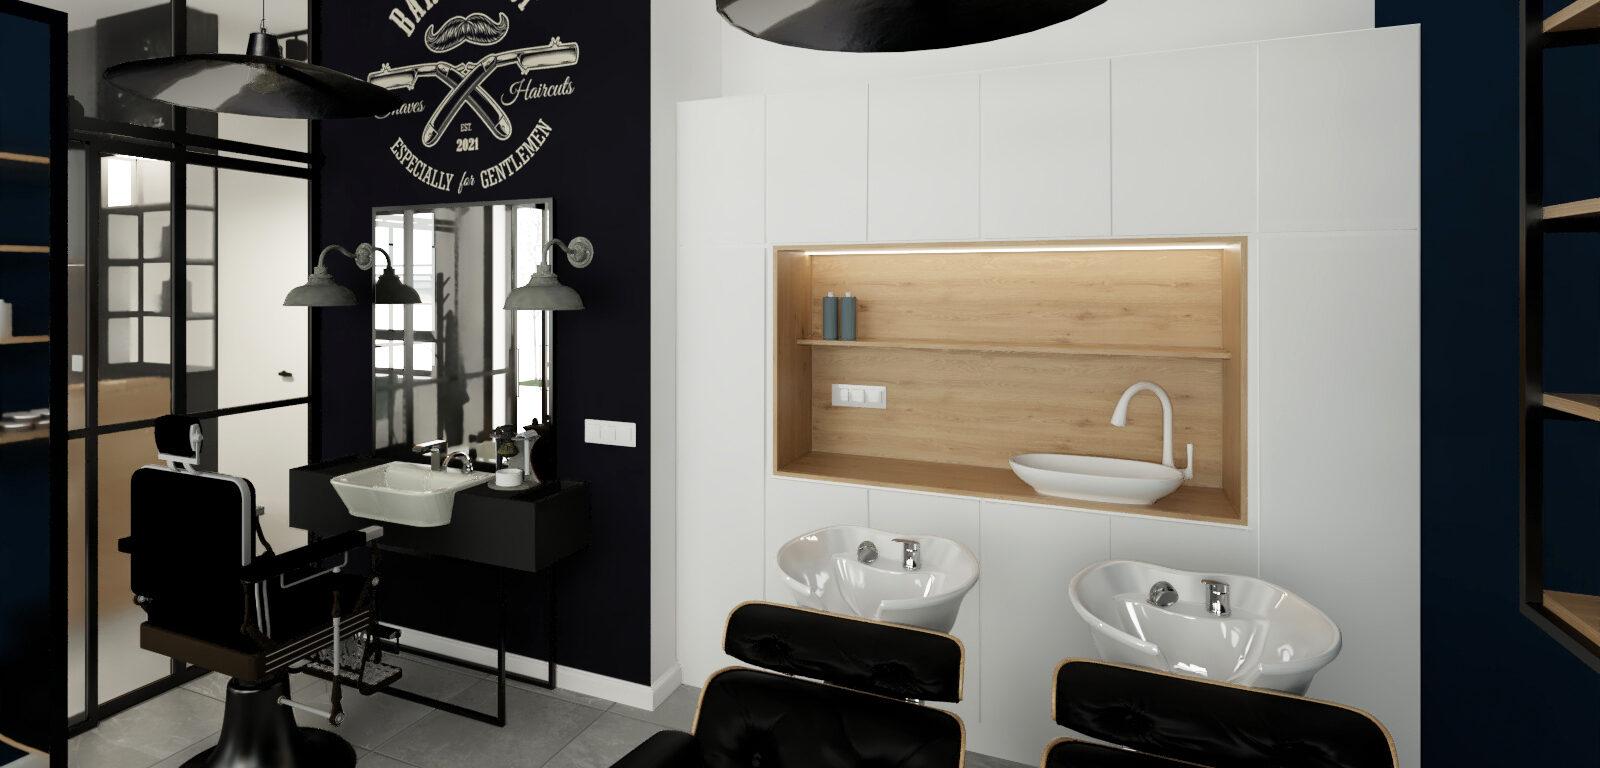 dacon-design-architekt-wroclaw-wroclaw-aranzacja-wnetrz-salon-urody-fryzjerski-kosmetyczny-beauty